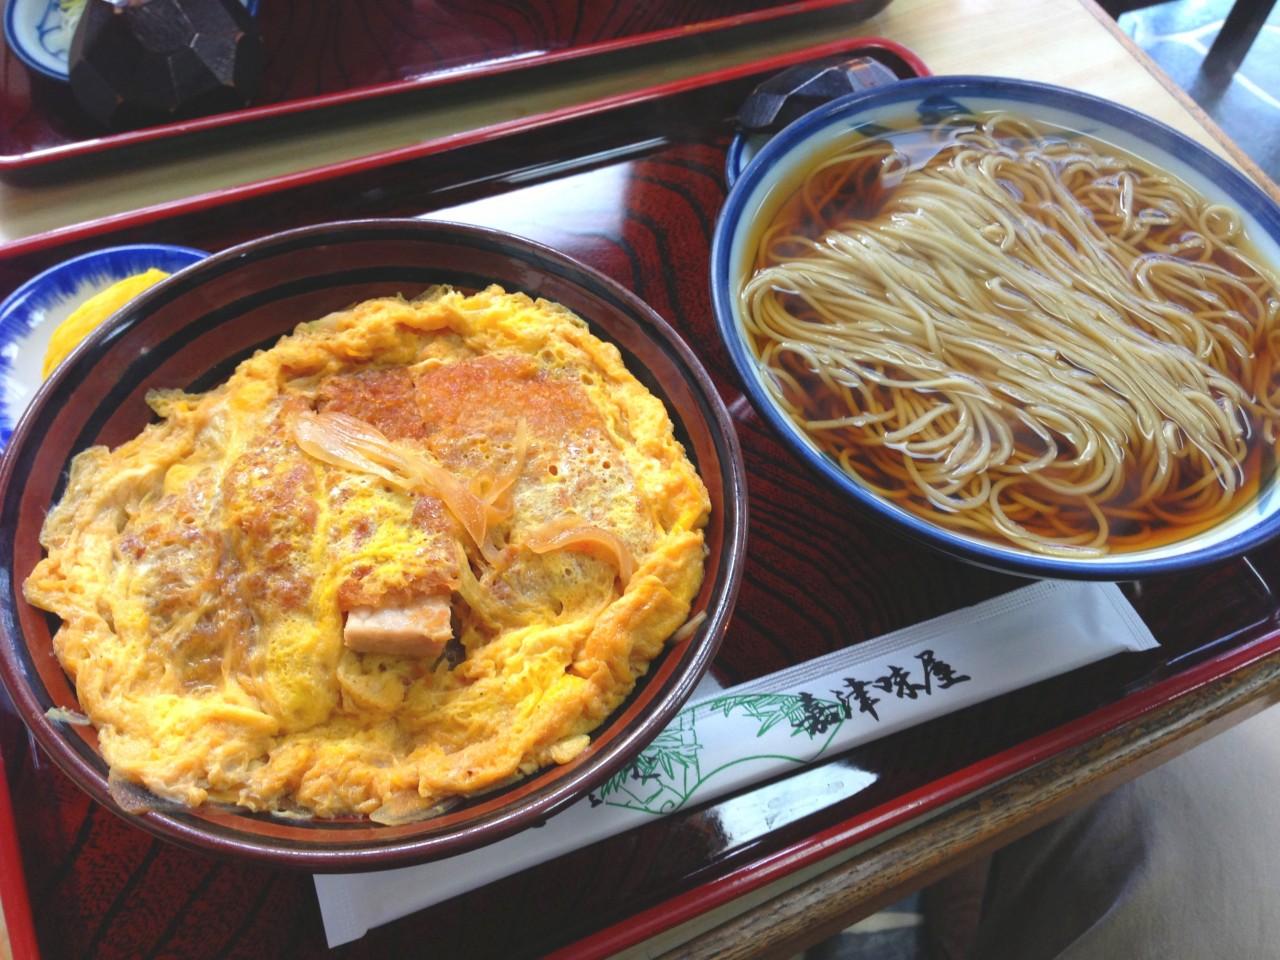 蕎麦処・嘉津味屋 (打越店)